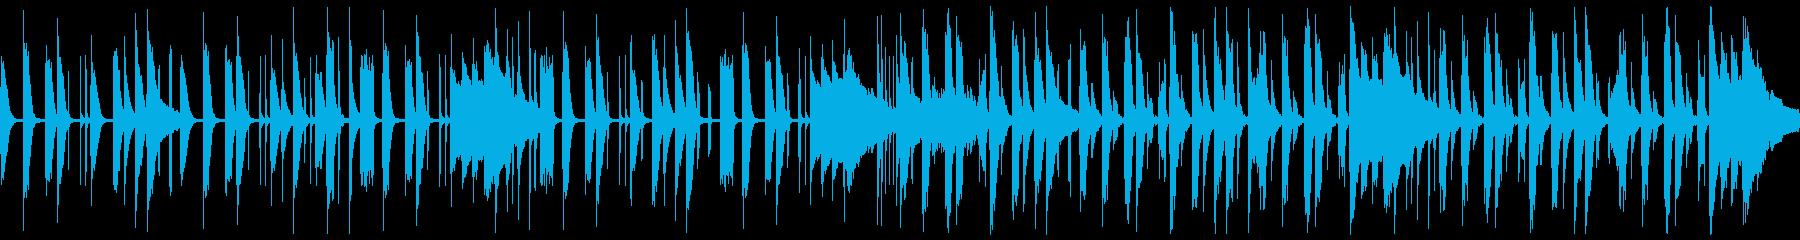 【メロディ抜き】ほのぼの脱力系の再生済みの波形